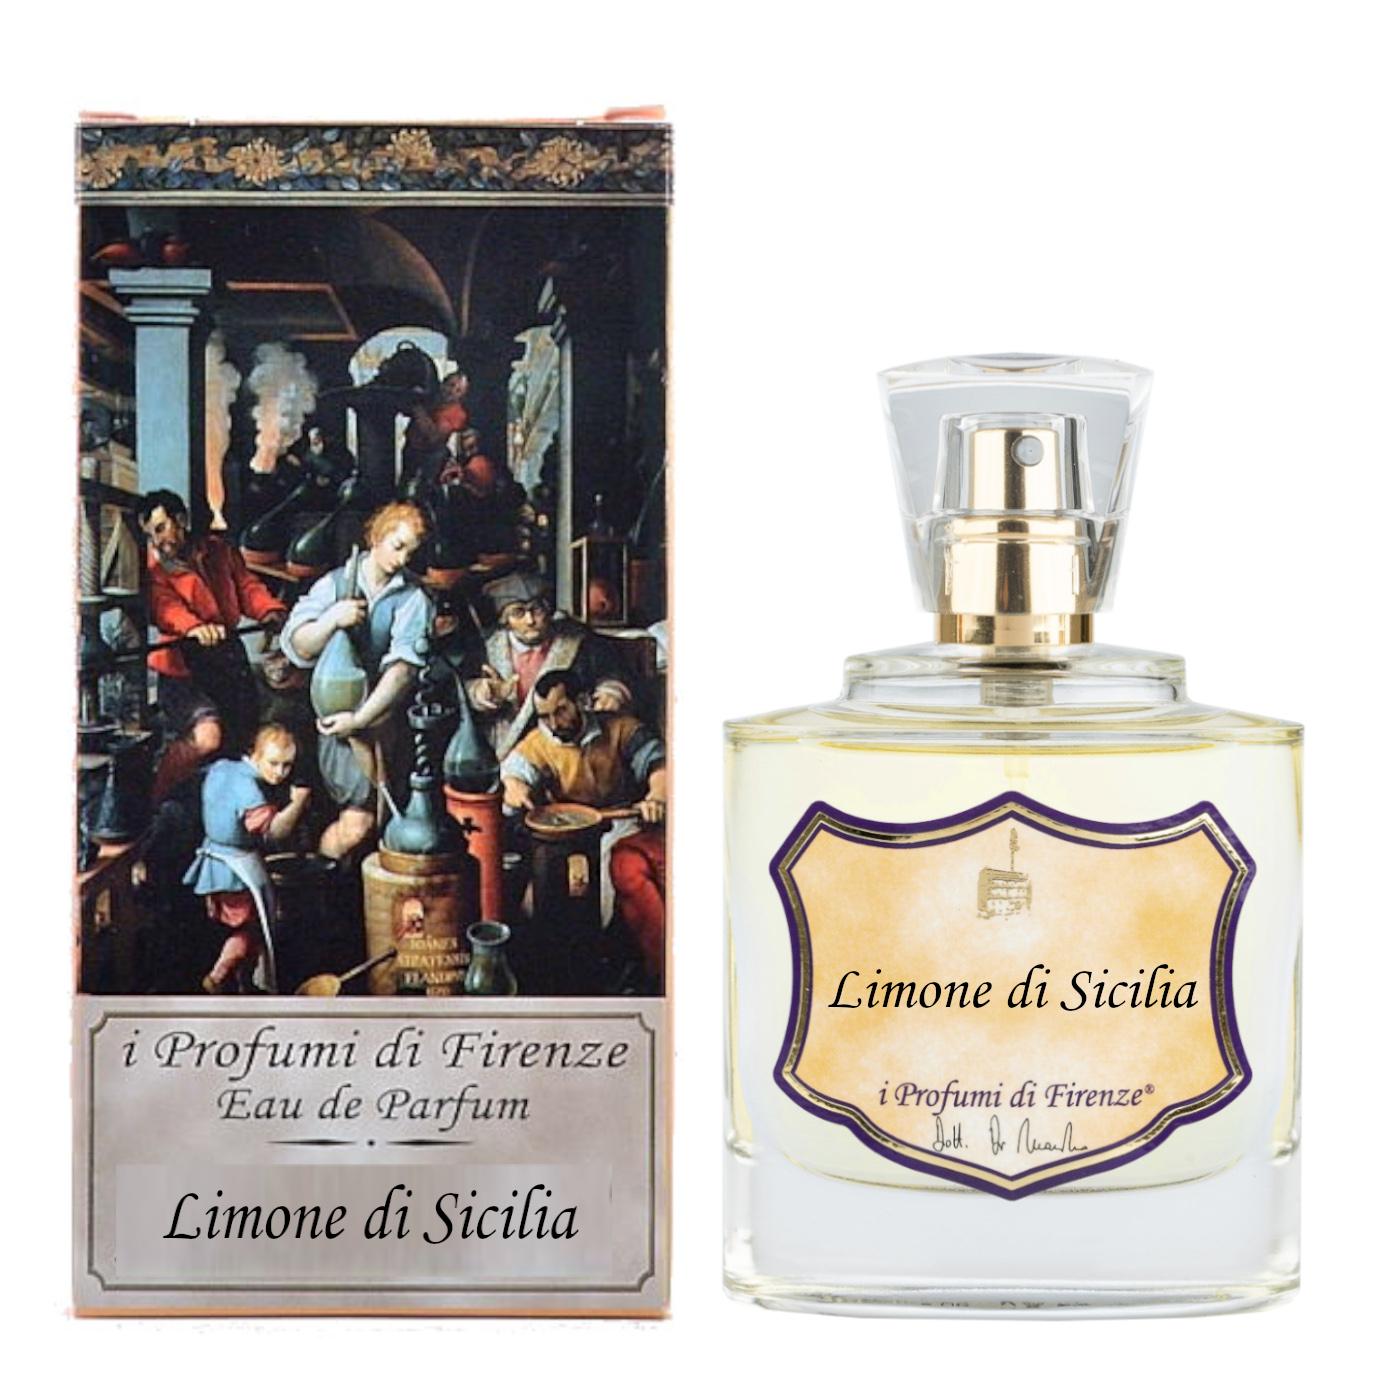 LIMONE DI SICILIA - Eau de Parfum-4031